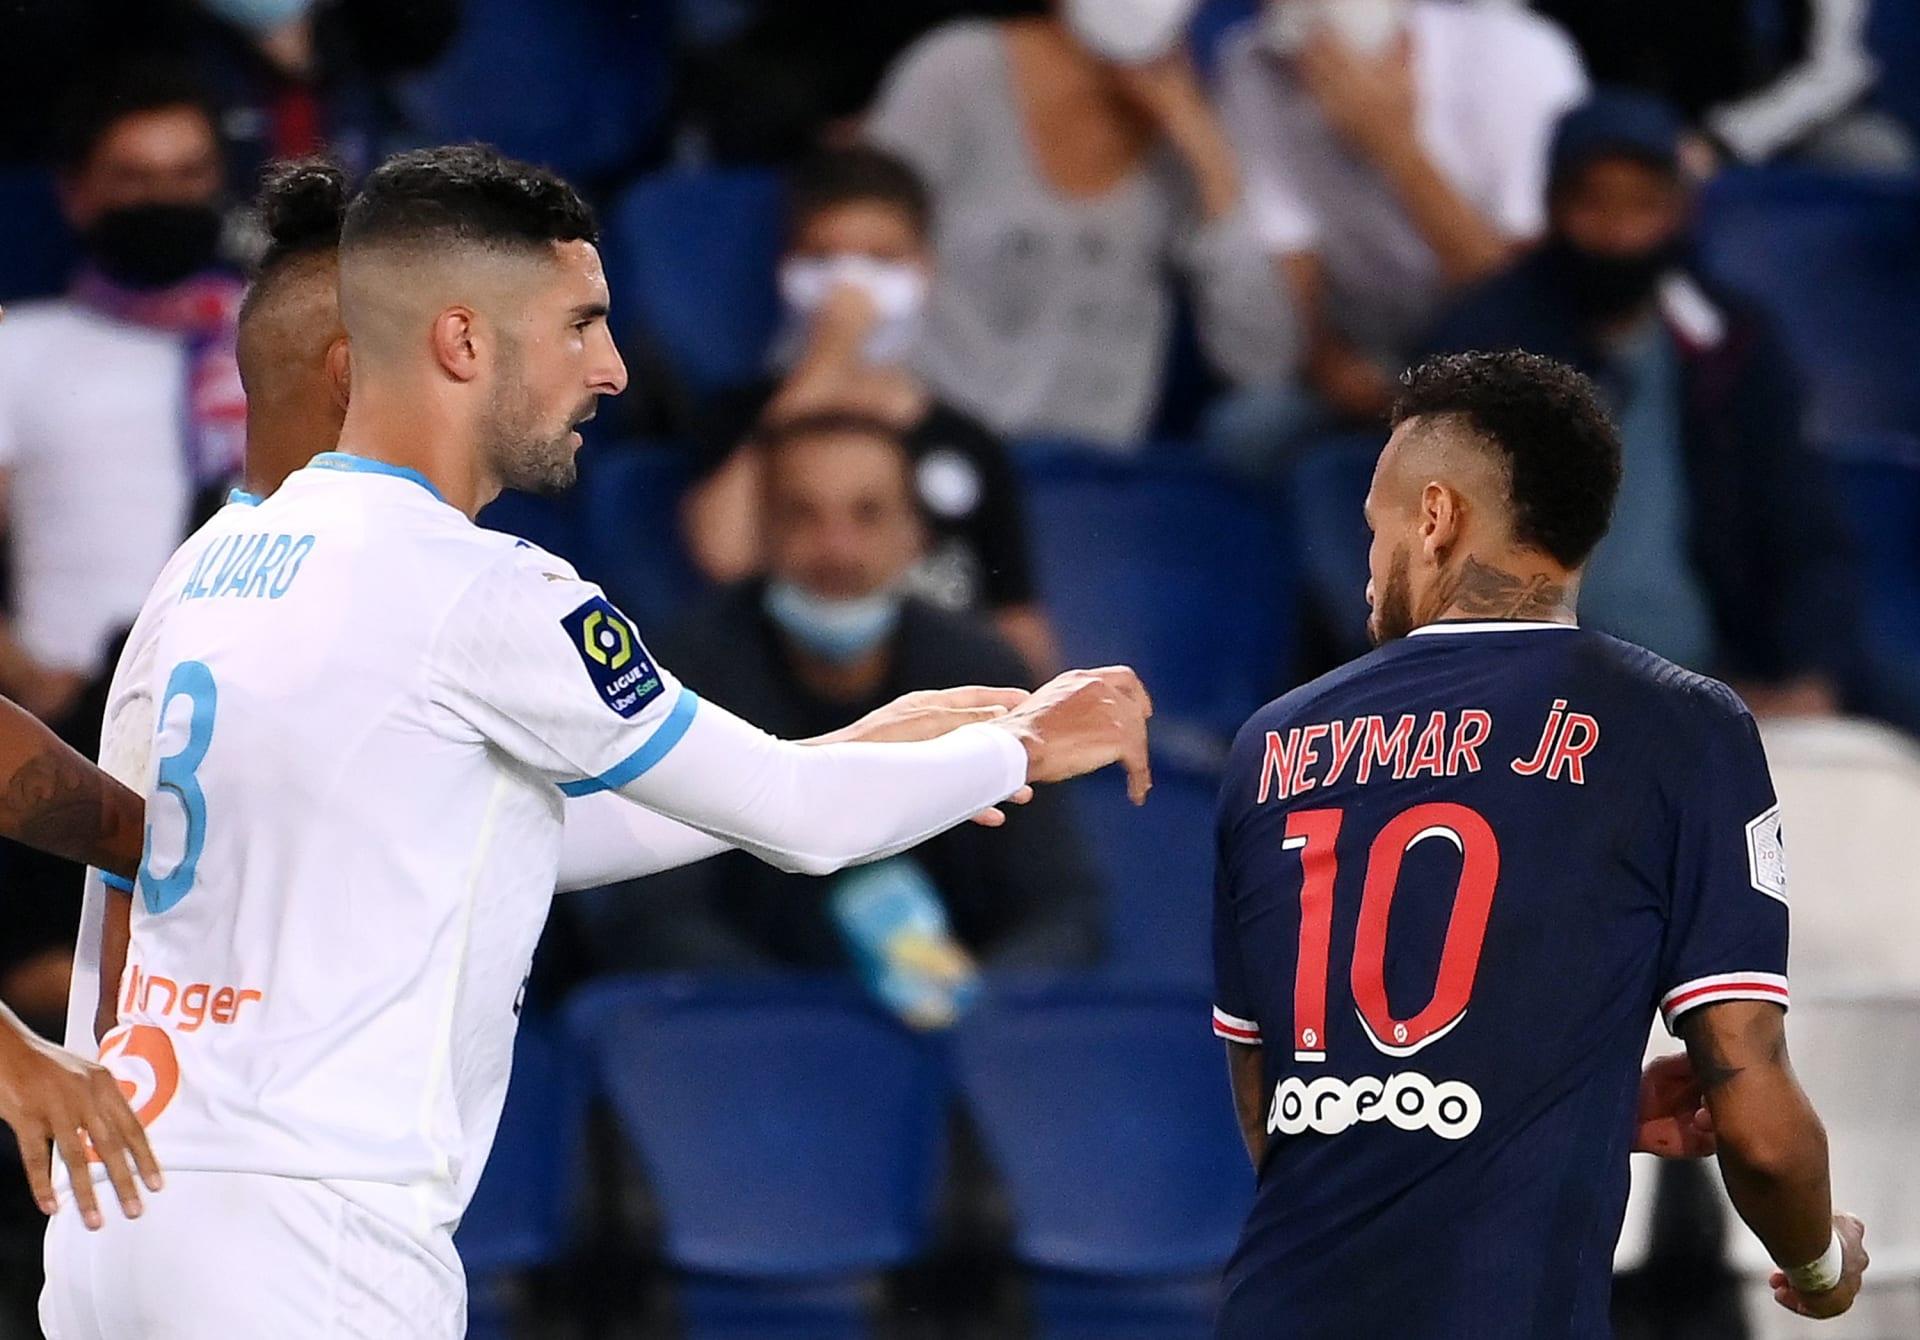 """بعد """"المعركة"""" التي شهدتها المباراة.. نيمار يتهم لاعب مارسيليا بوصفه بـ""""القرد"""""""